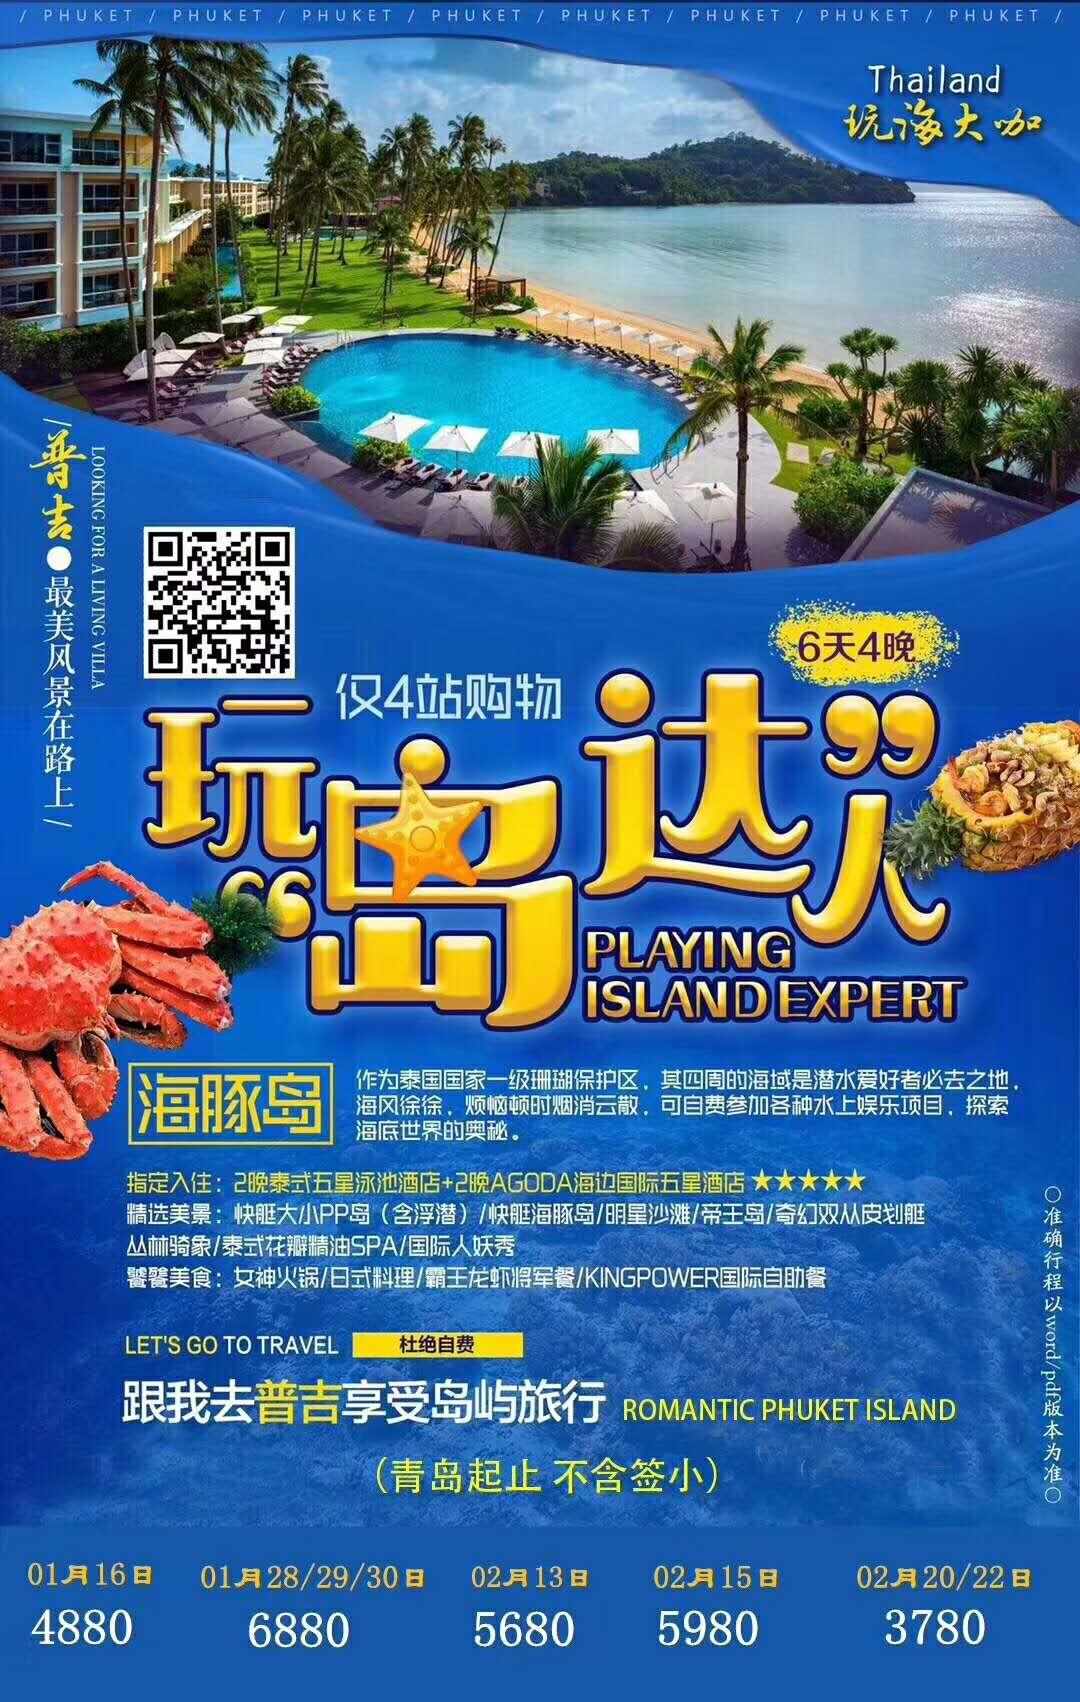 春节 玩岛达人普吉岛六天四晚 全程四个购物店